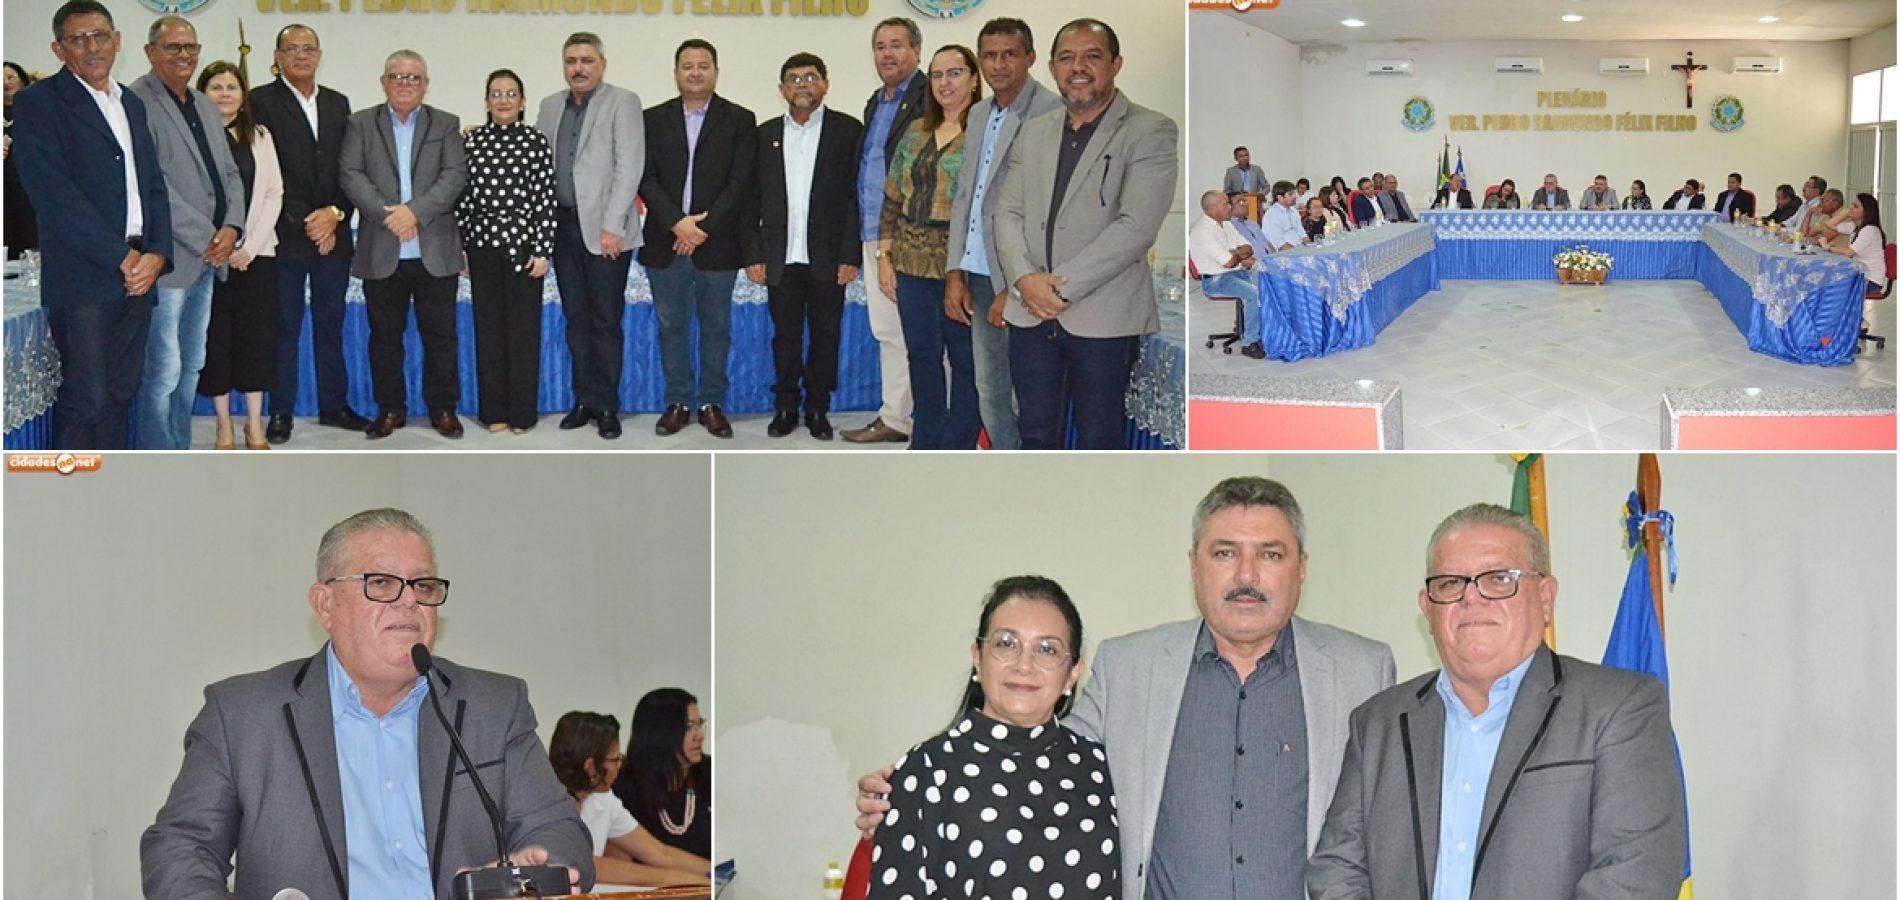 Vereador Pedro Custódio assume a Presidência da Câmara de Simões; Veja fotos